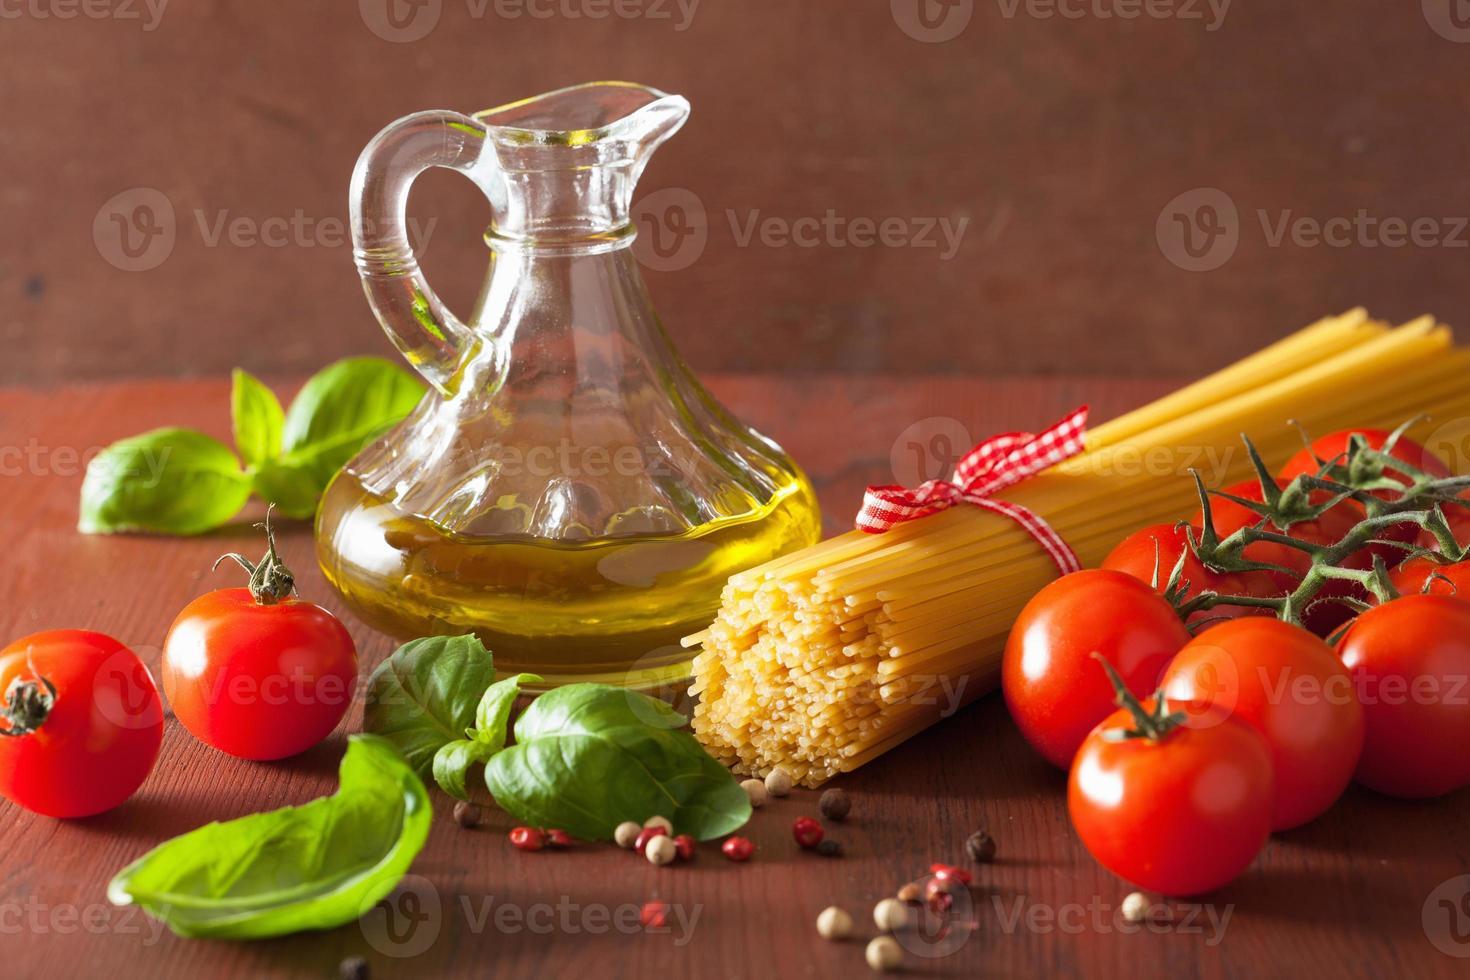 pâtes crues tomates à l'huile d'olive. cuisine italienne dans une cuisine rustique photo